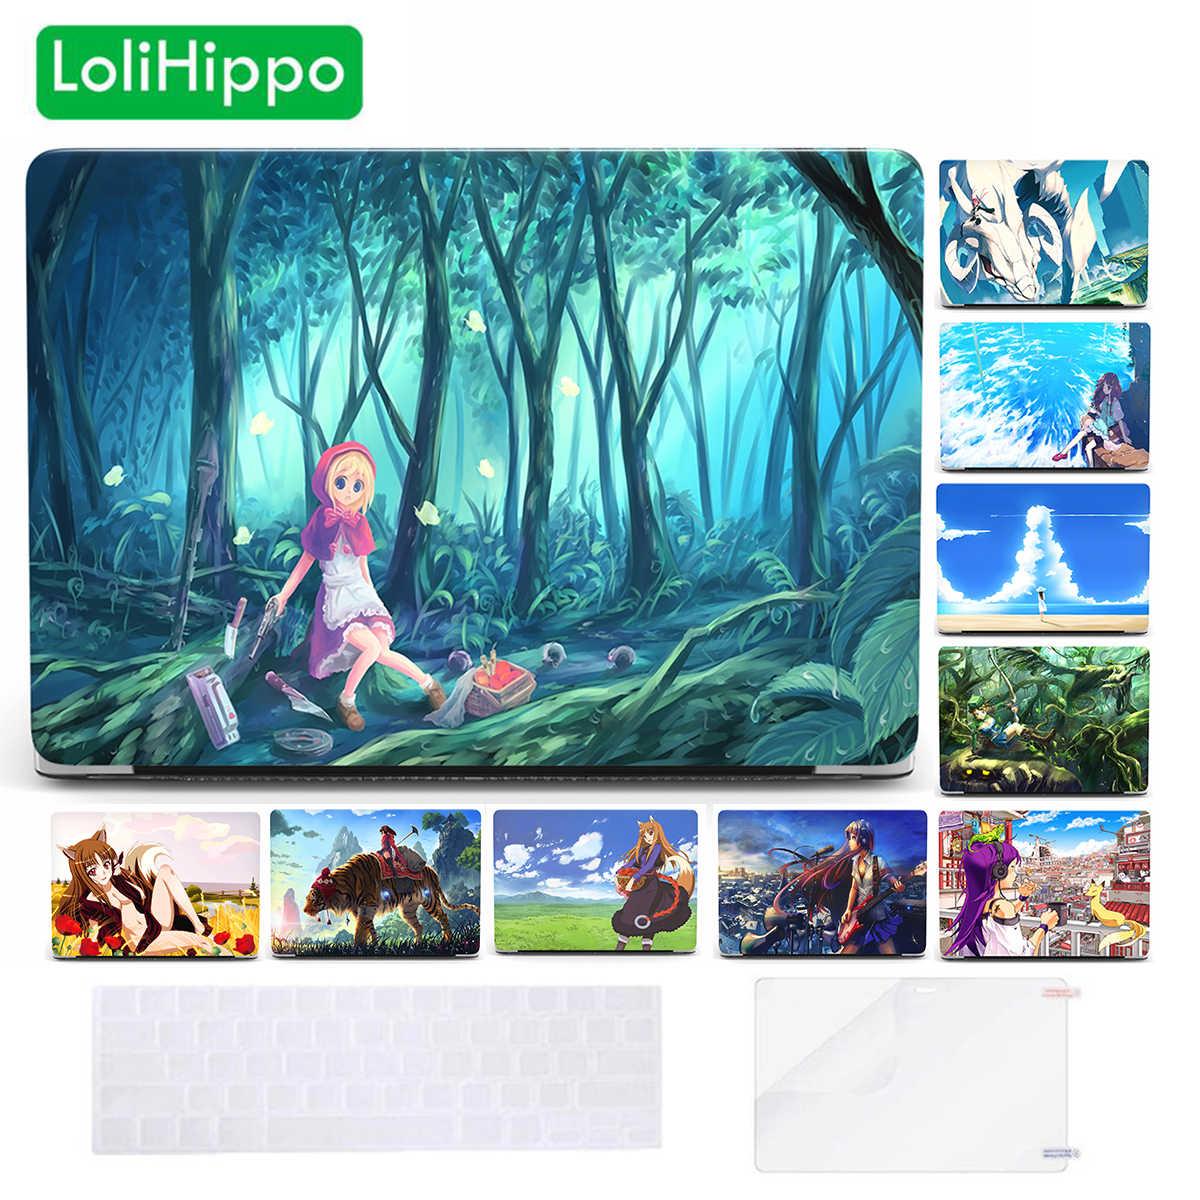 LoliHippo japonais Anime ordinateur portable étui pour macbook Air Pro 12 13.3 15 pouces Retina A1466 A1932 dessin animé couverture de coque pour ordinateur portable